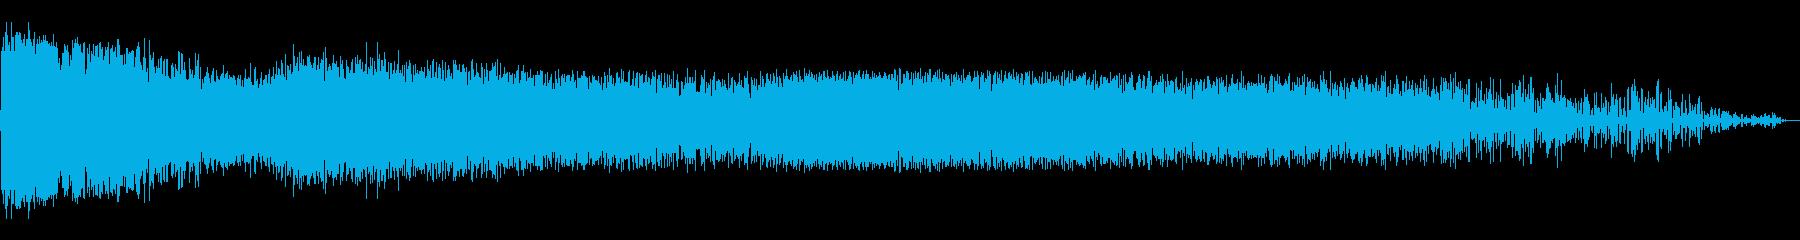 大規模な連続スネアリングブラスト、...の再生済みの波形